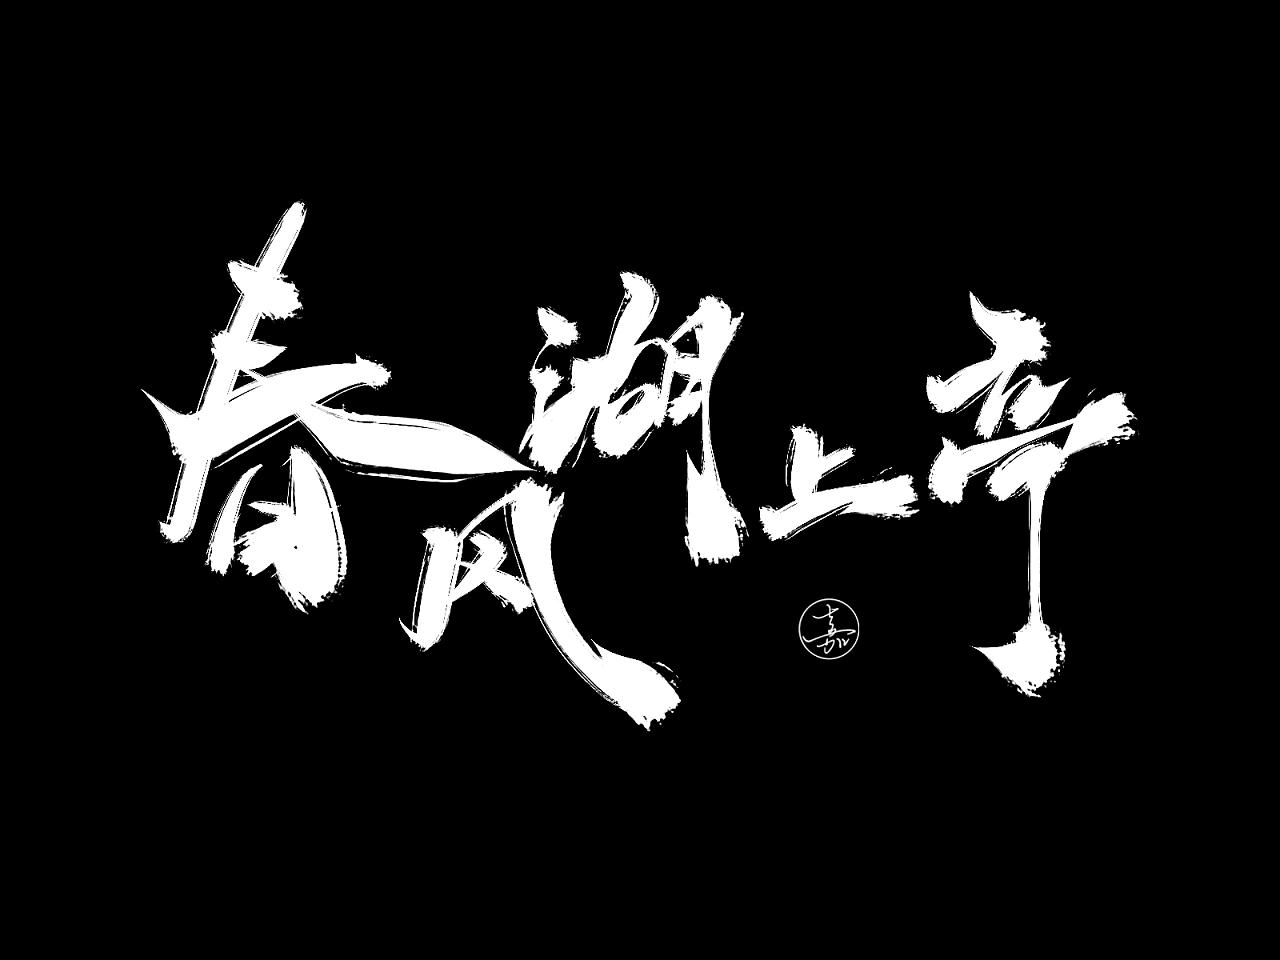 书法传媒字体手写诗词古风v书法湖南大众大气室内设计怎么样图片